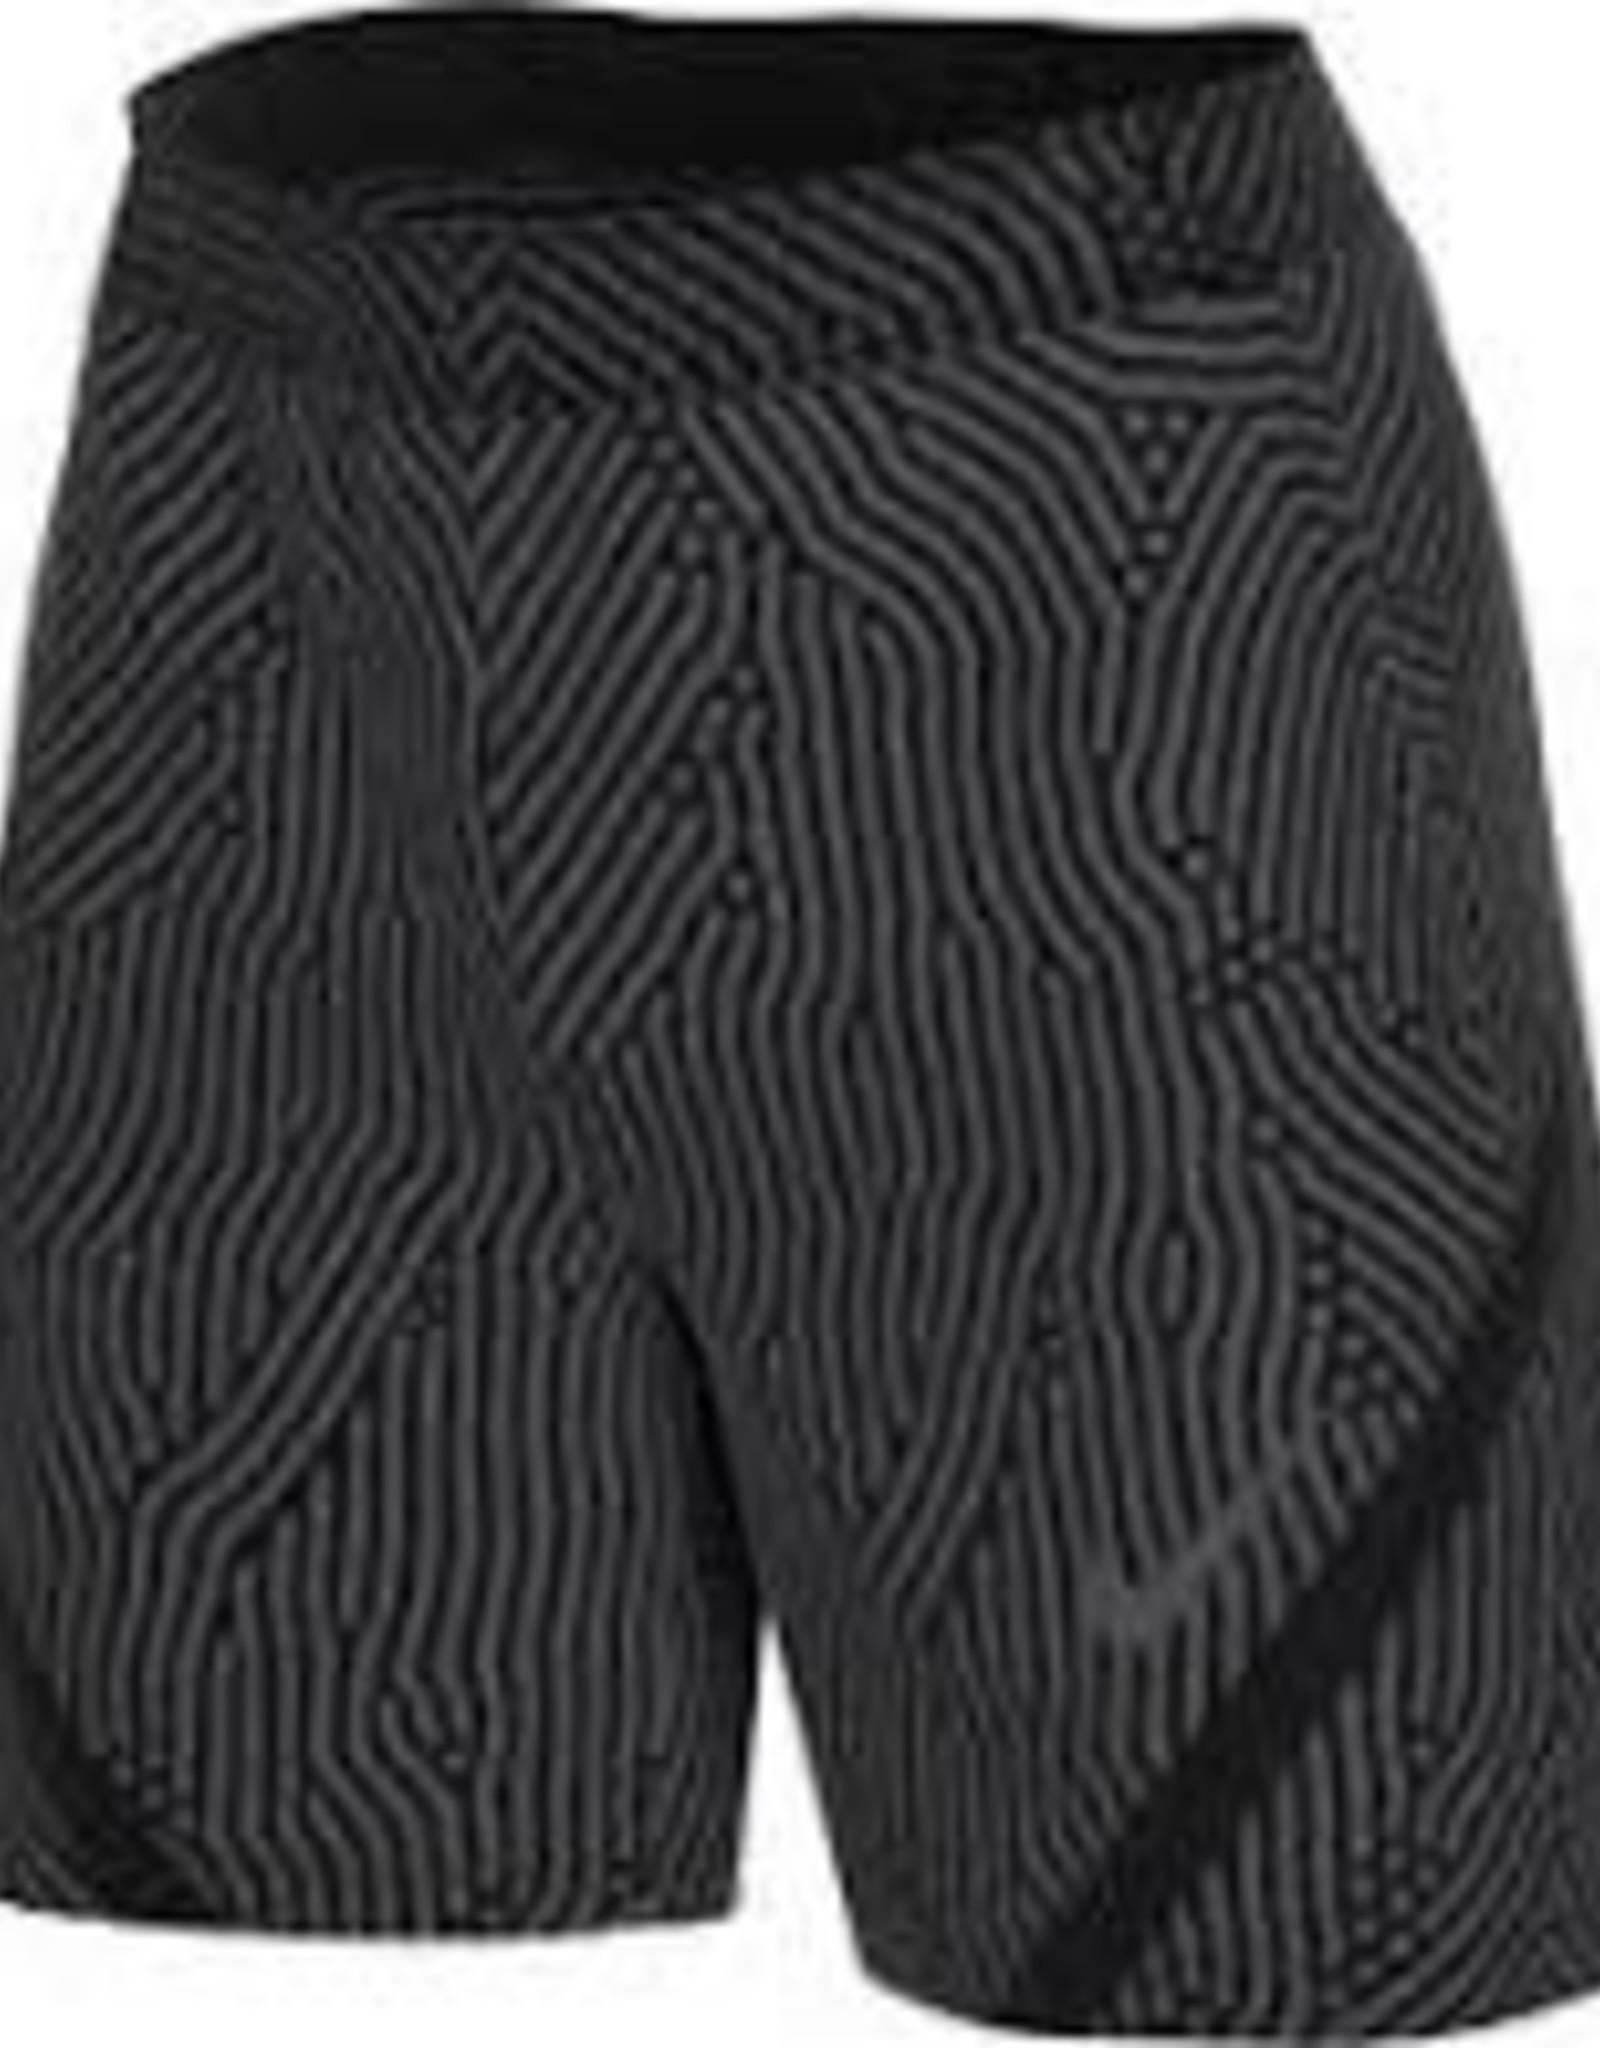 Nike Short strike